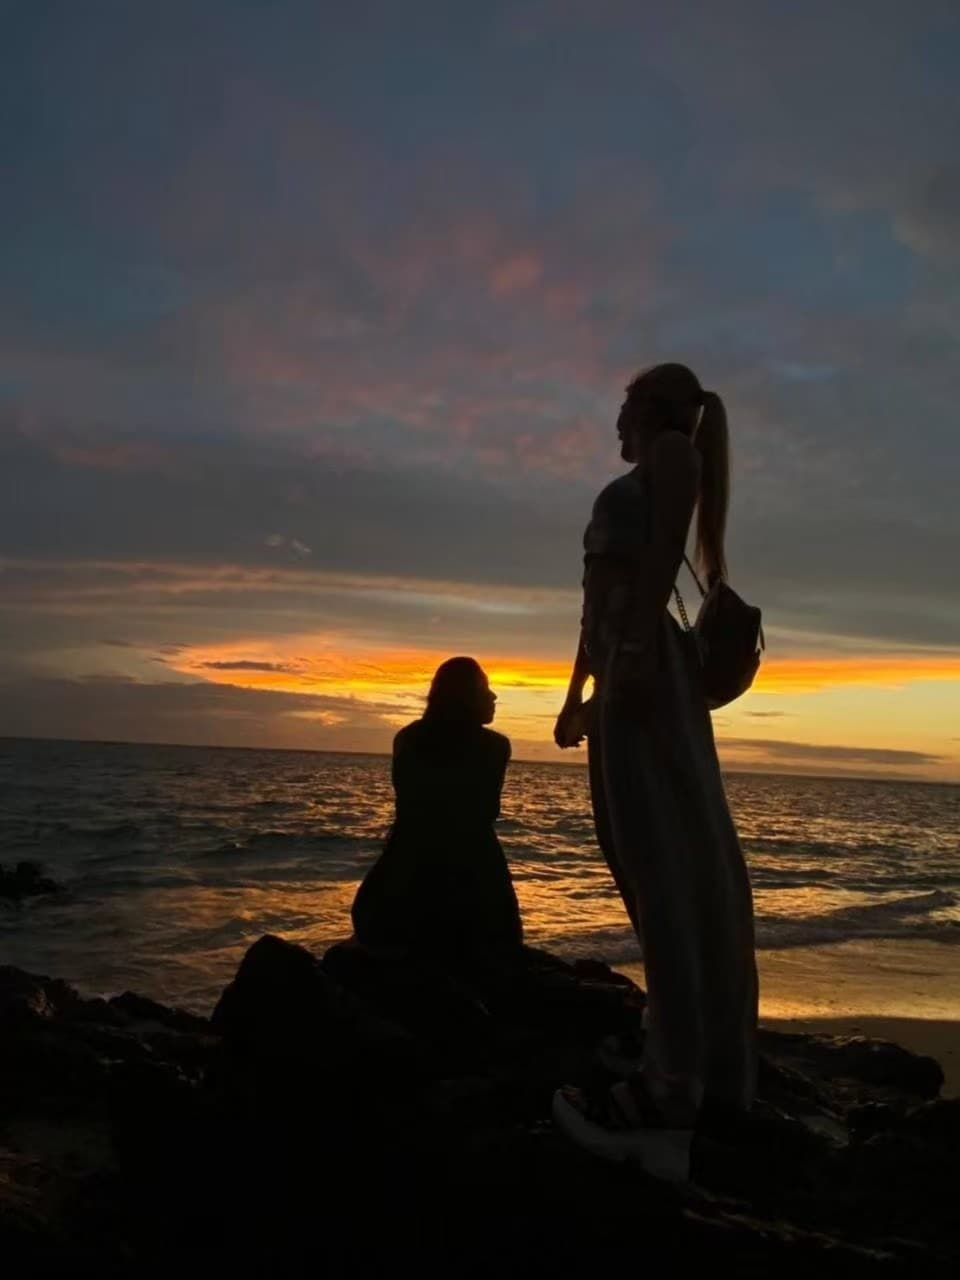 夕方の海岸で踊るJURI先生の写真